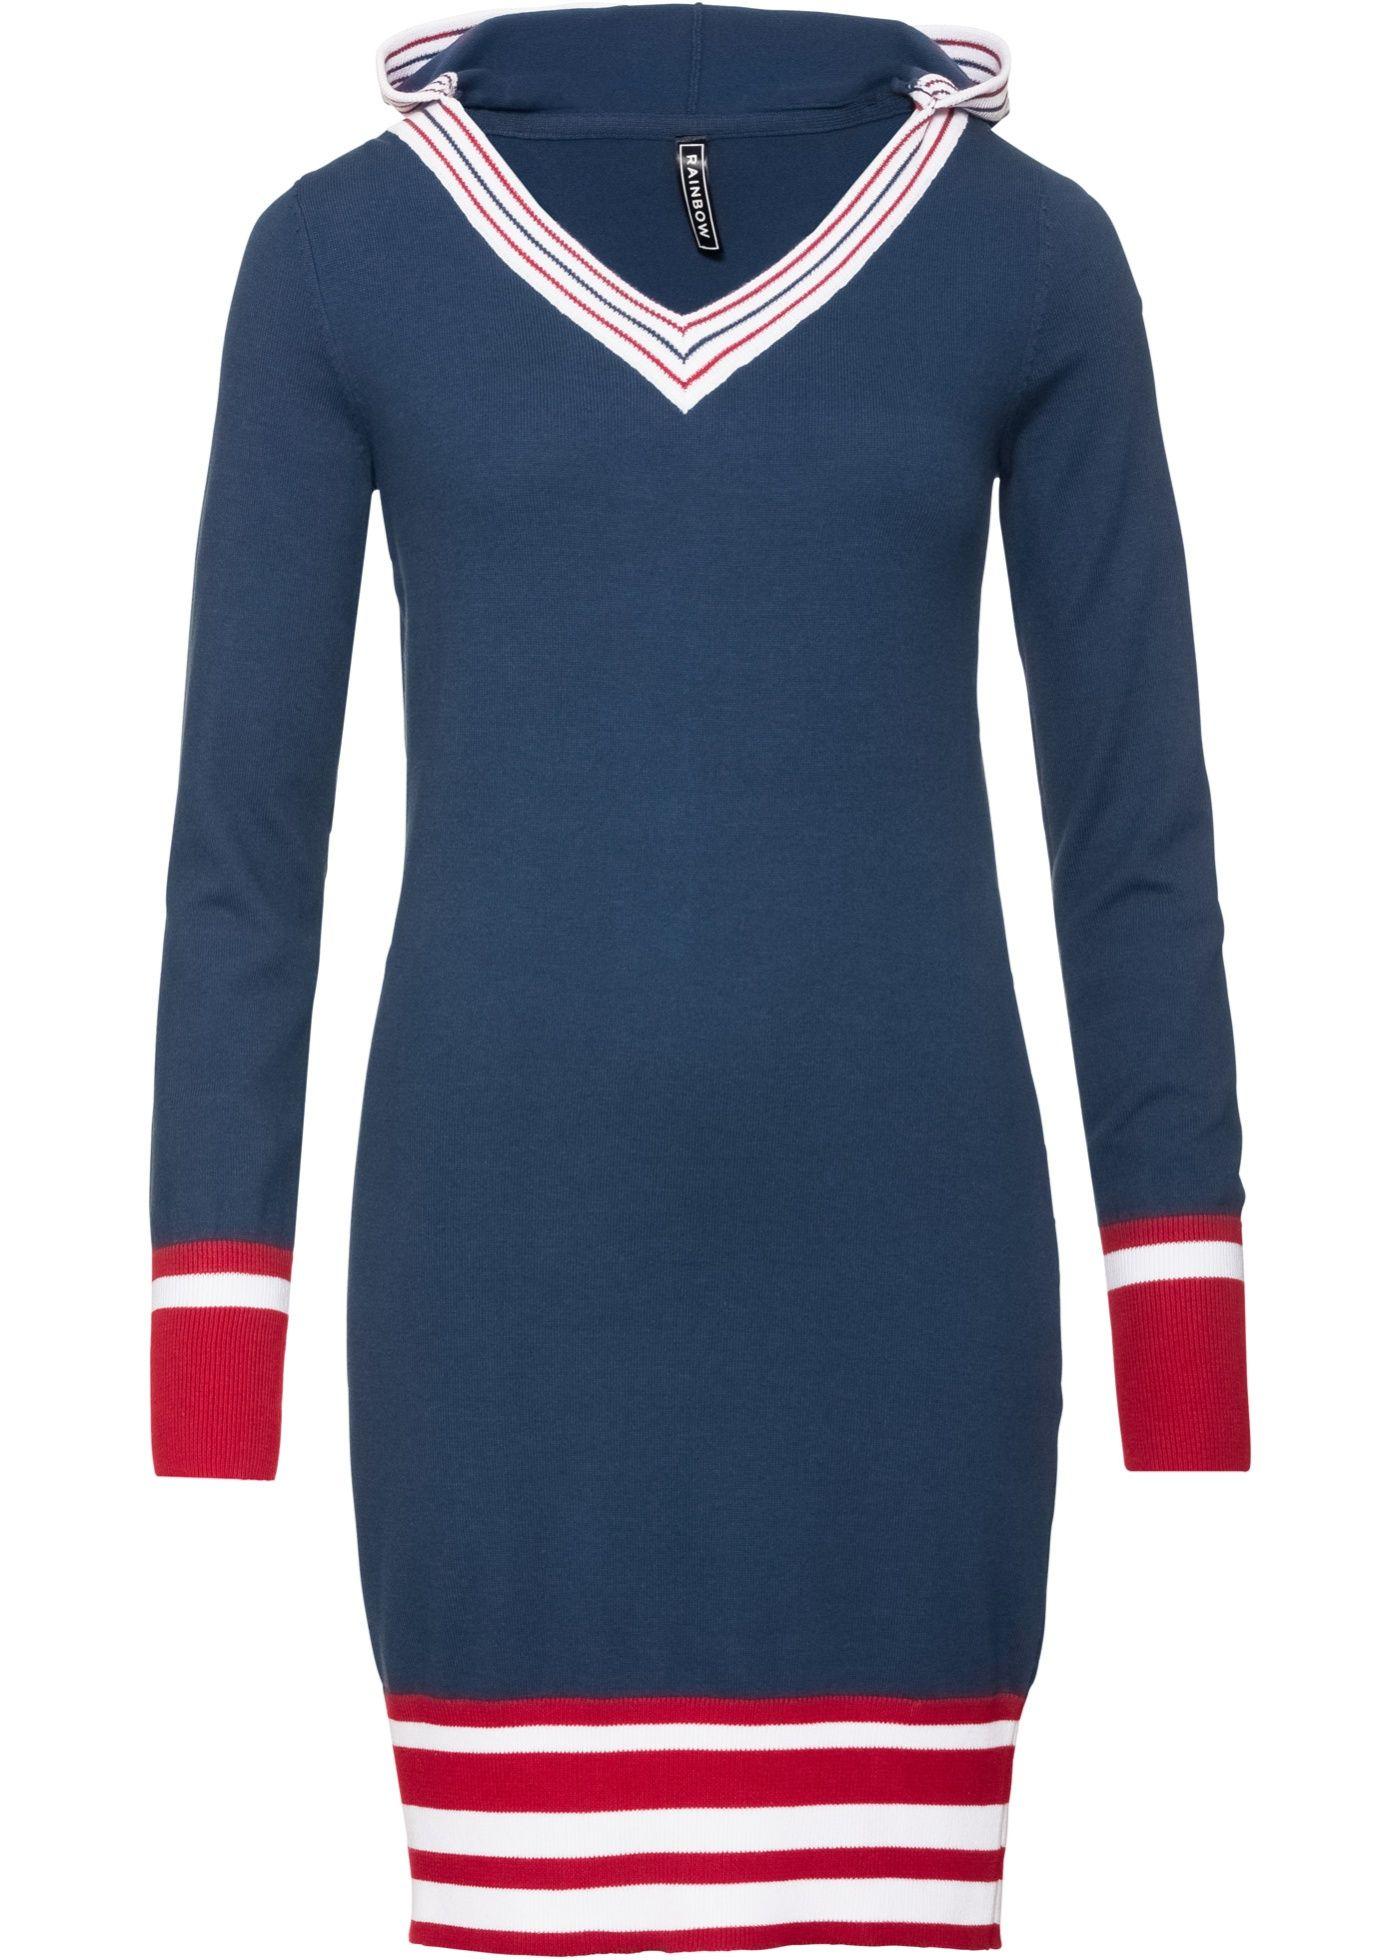 38bf333e7edd Pletené šaty hlubinně modro-sytě červeno-bílá - koupit online - bonprix.cz  S hlubokým výstřihem do V